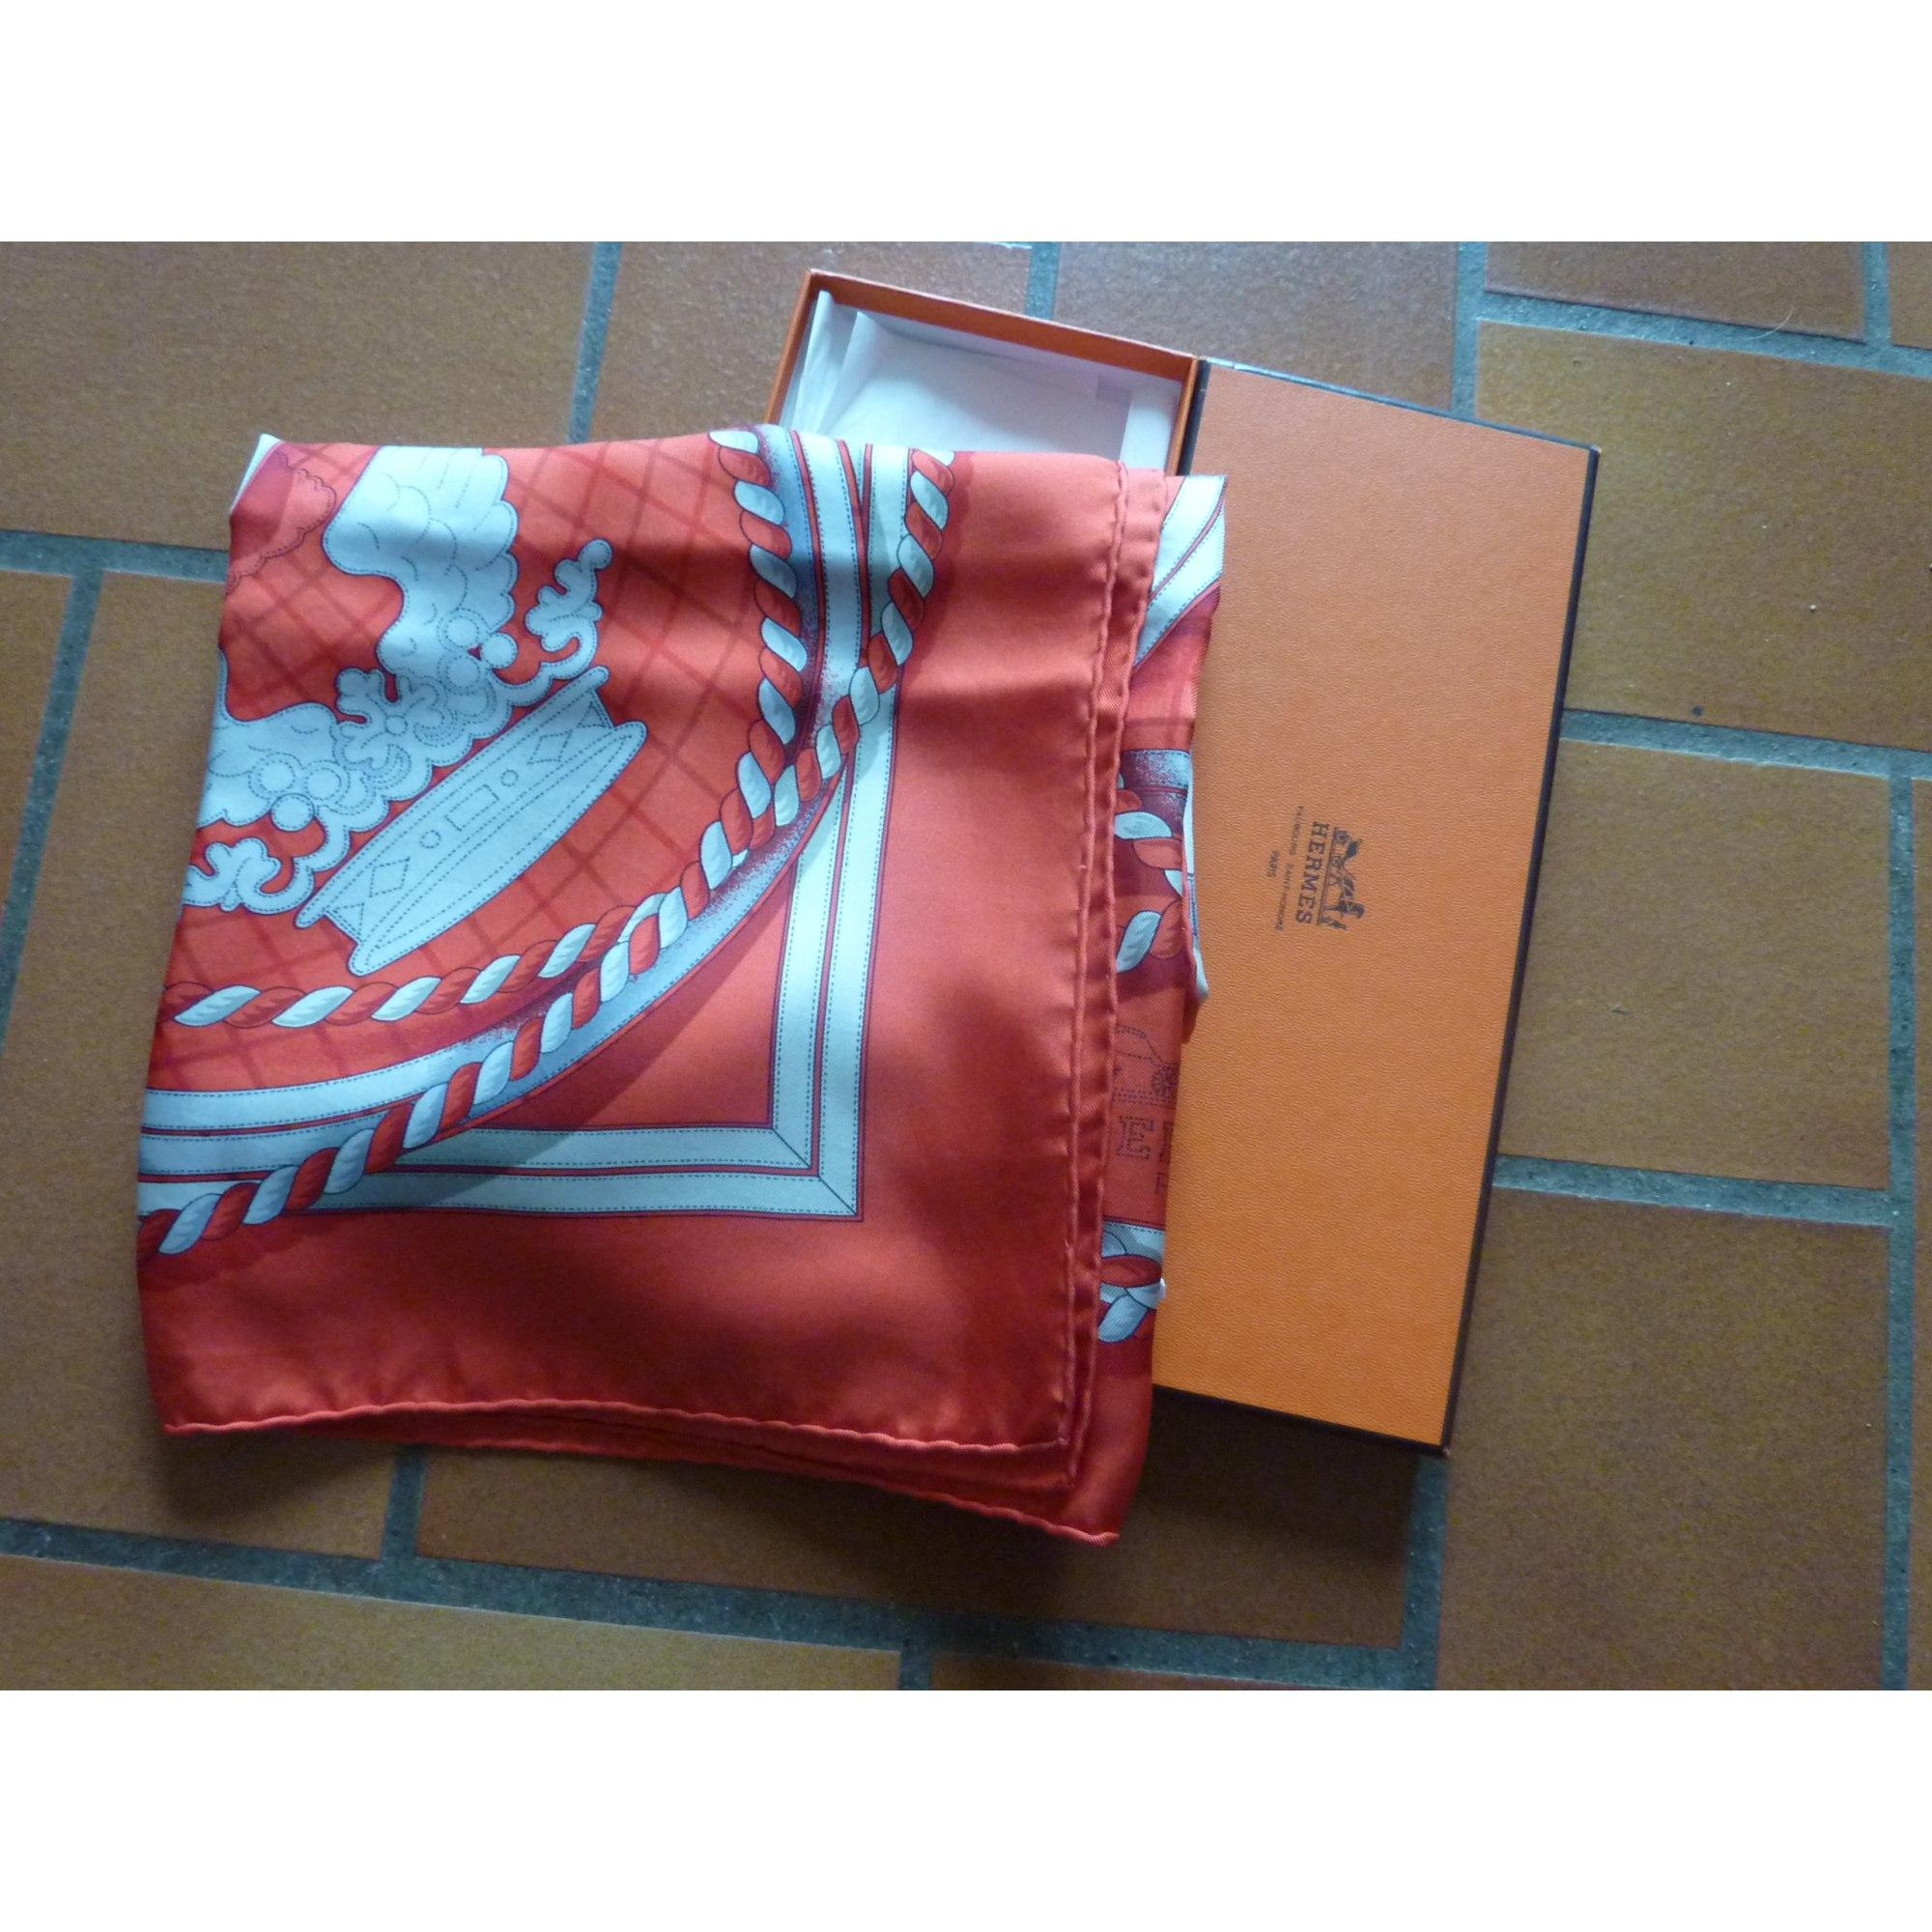 ad8226ff0b5e Foulard HERMÈS orange vendu par A à zen - 2019379